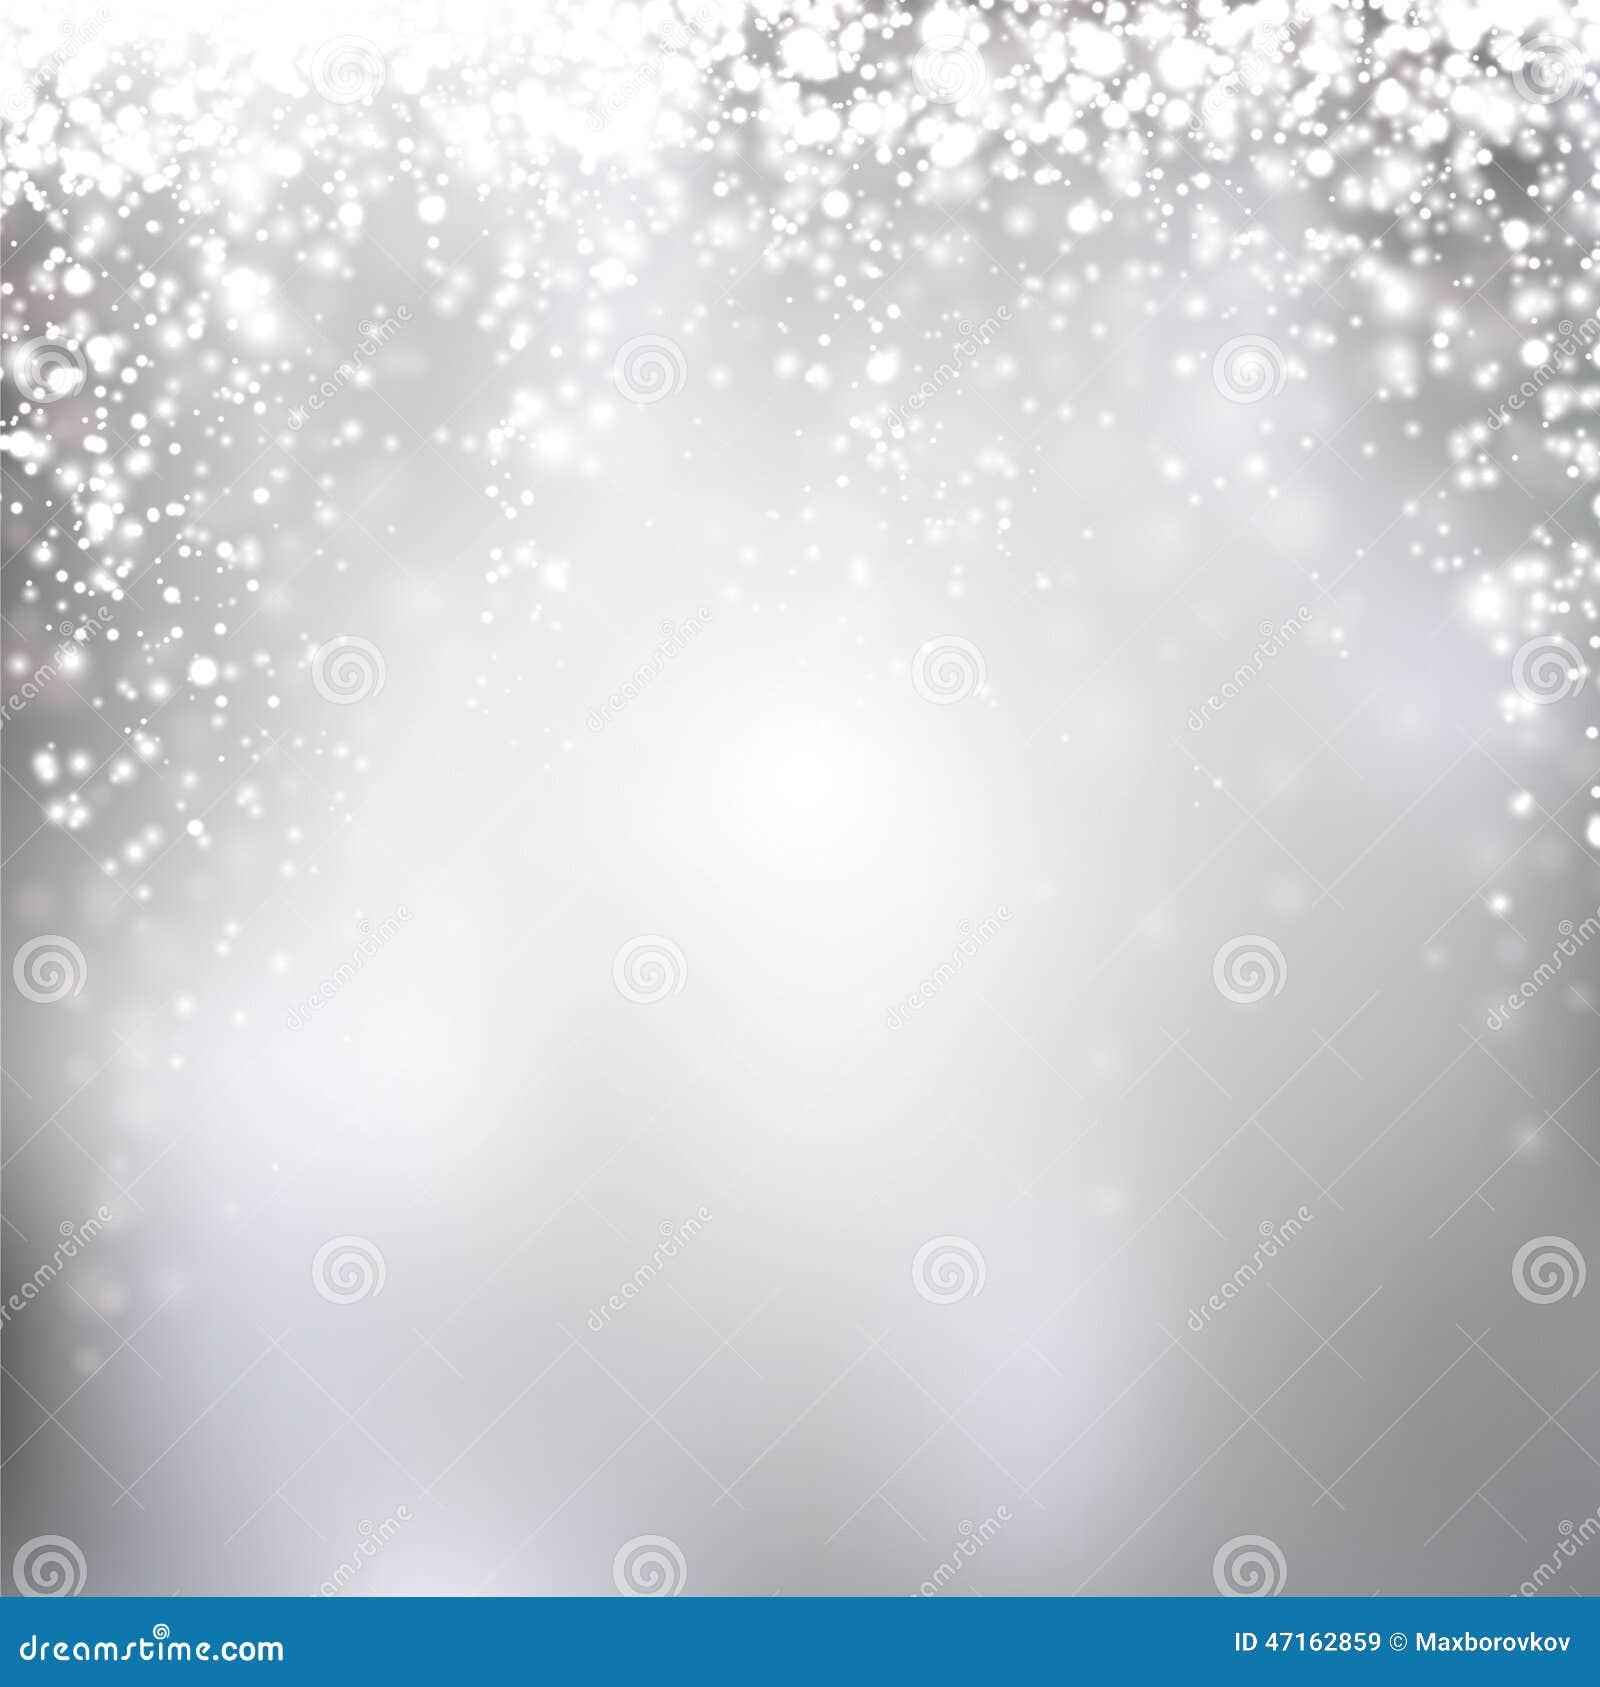 Silver Christmas Lights